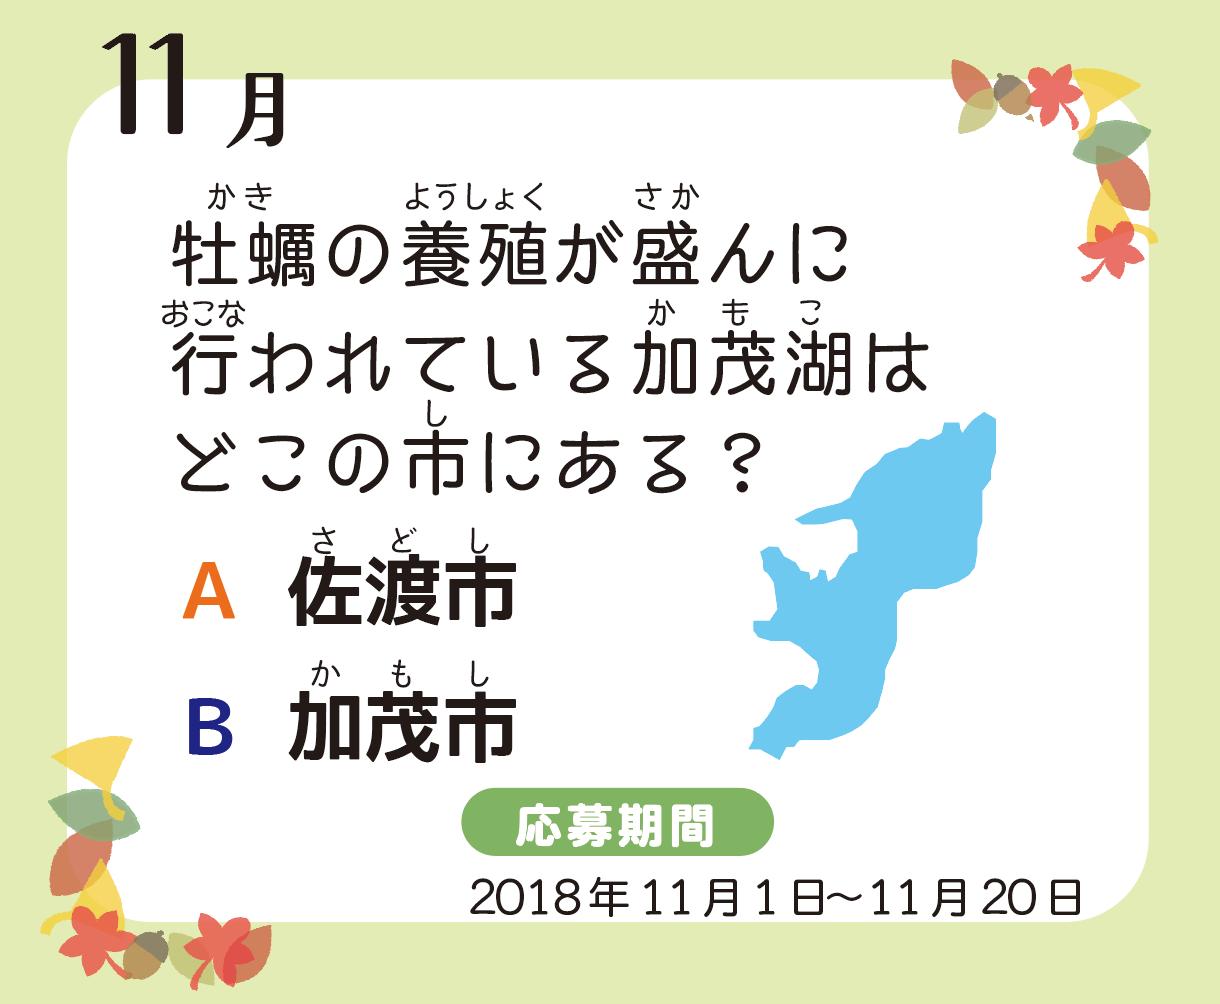 スクリーンショット 2018-11-22 11.10.44